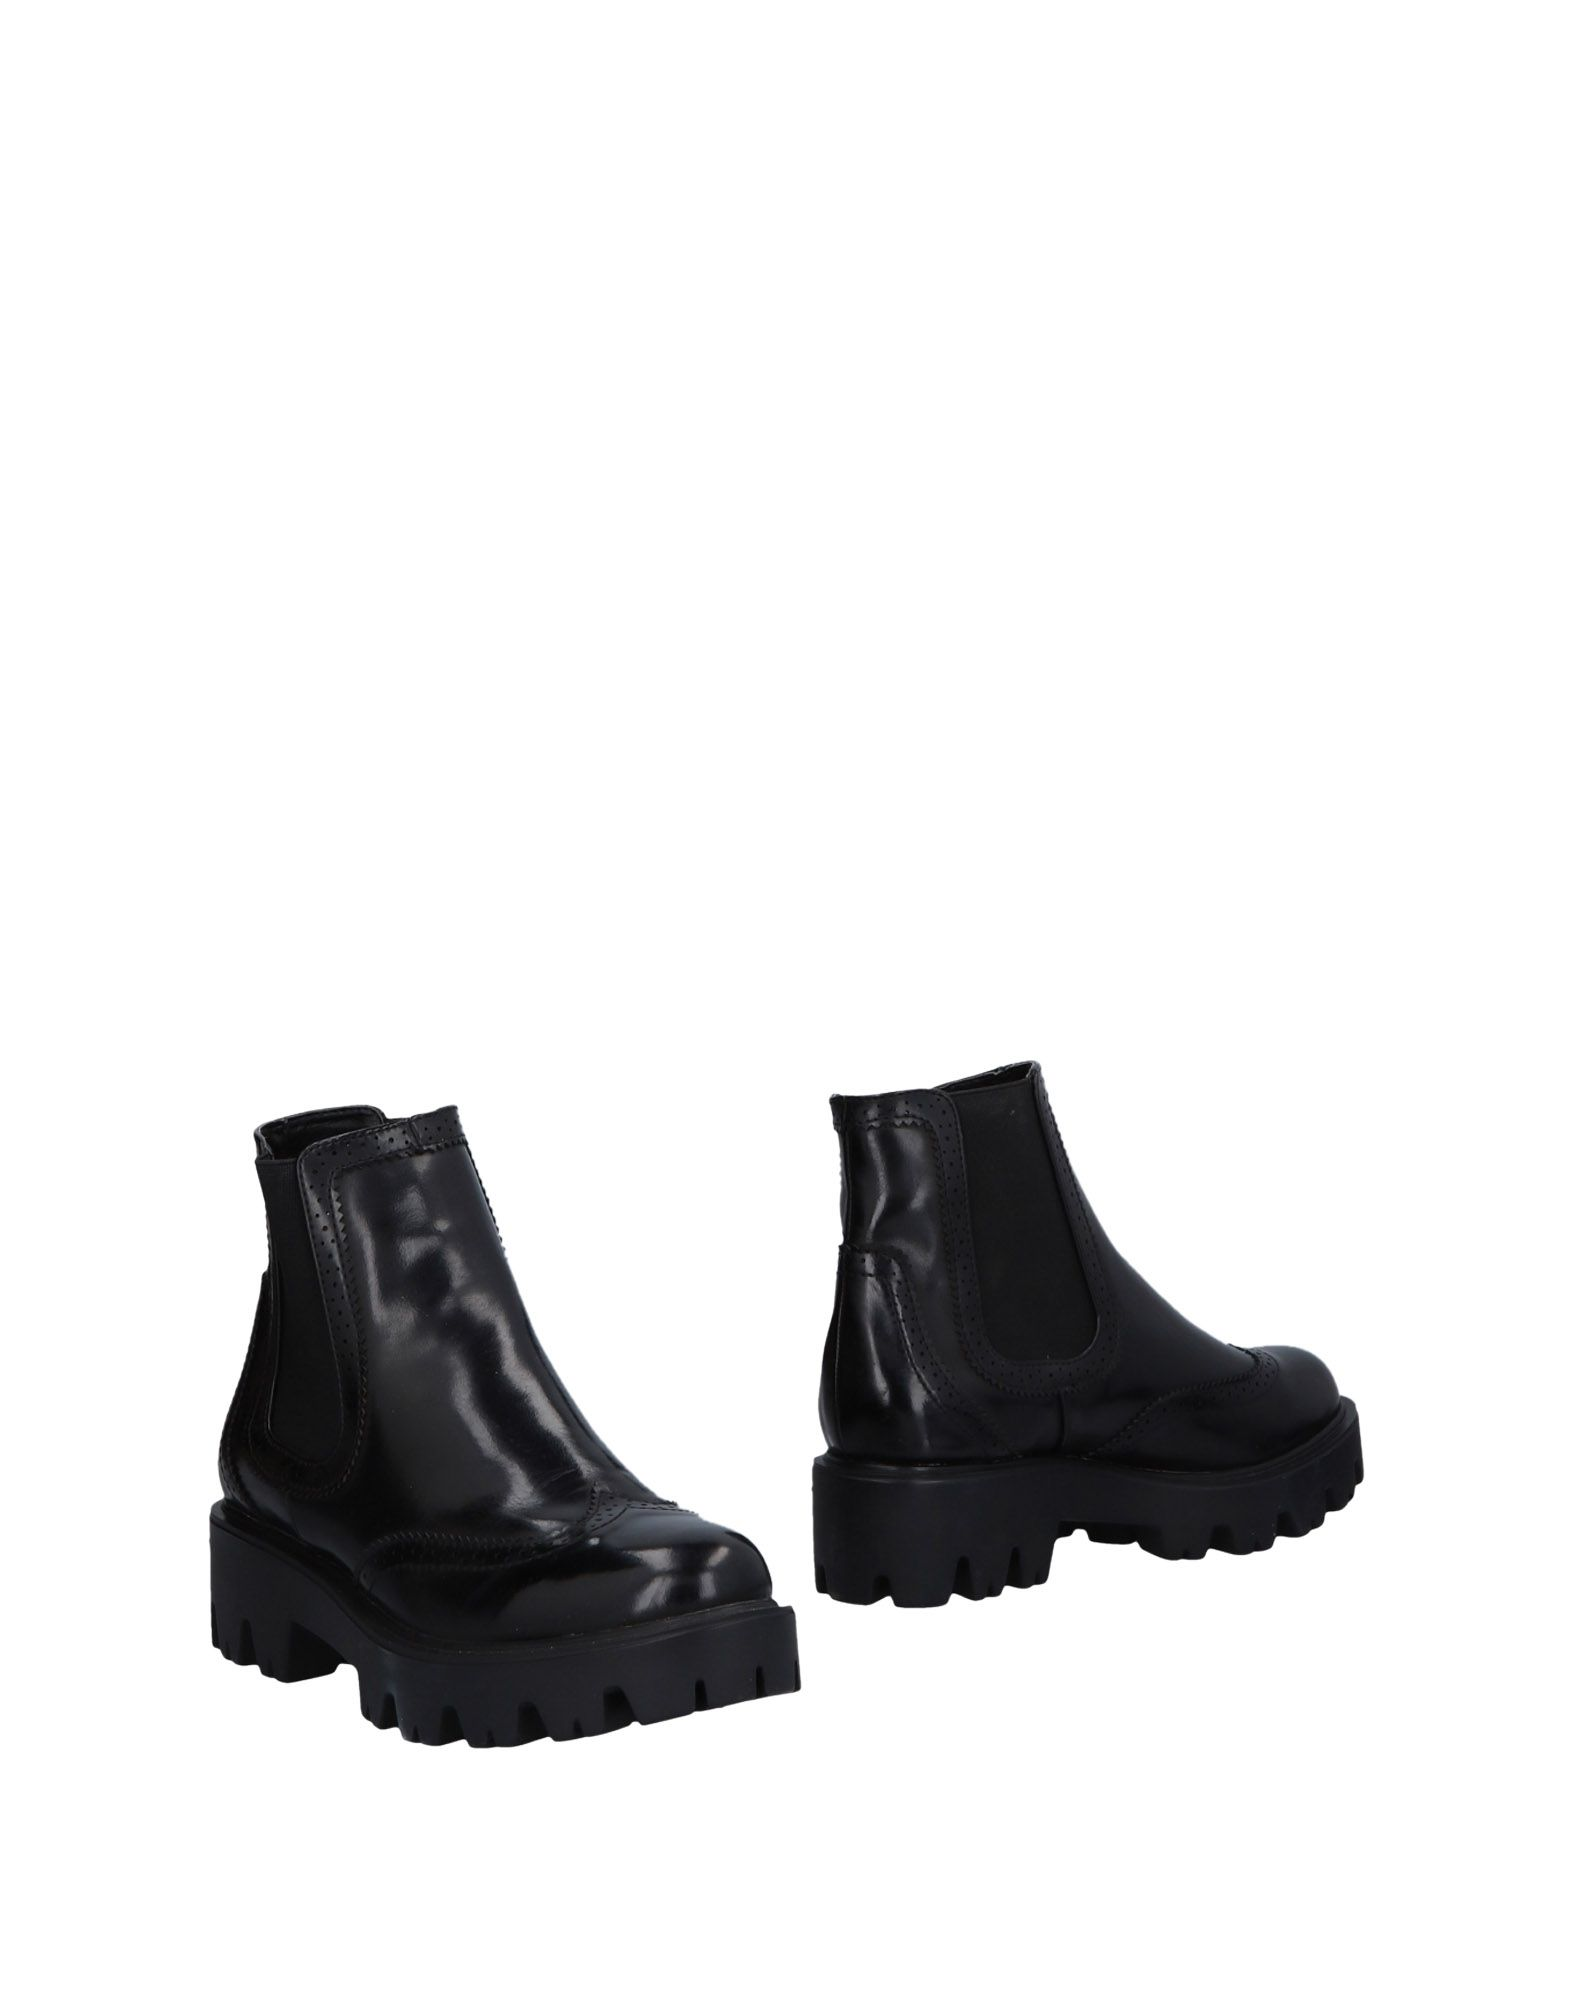 Stilvolle billige Boots Schuhe Rejois By Gianni Renzi Chelsea Boots billige Damen  11480935EN 529889